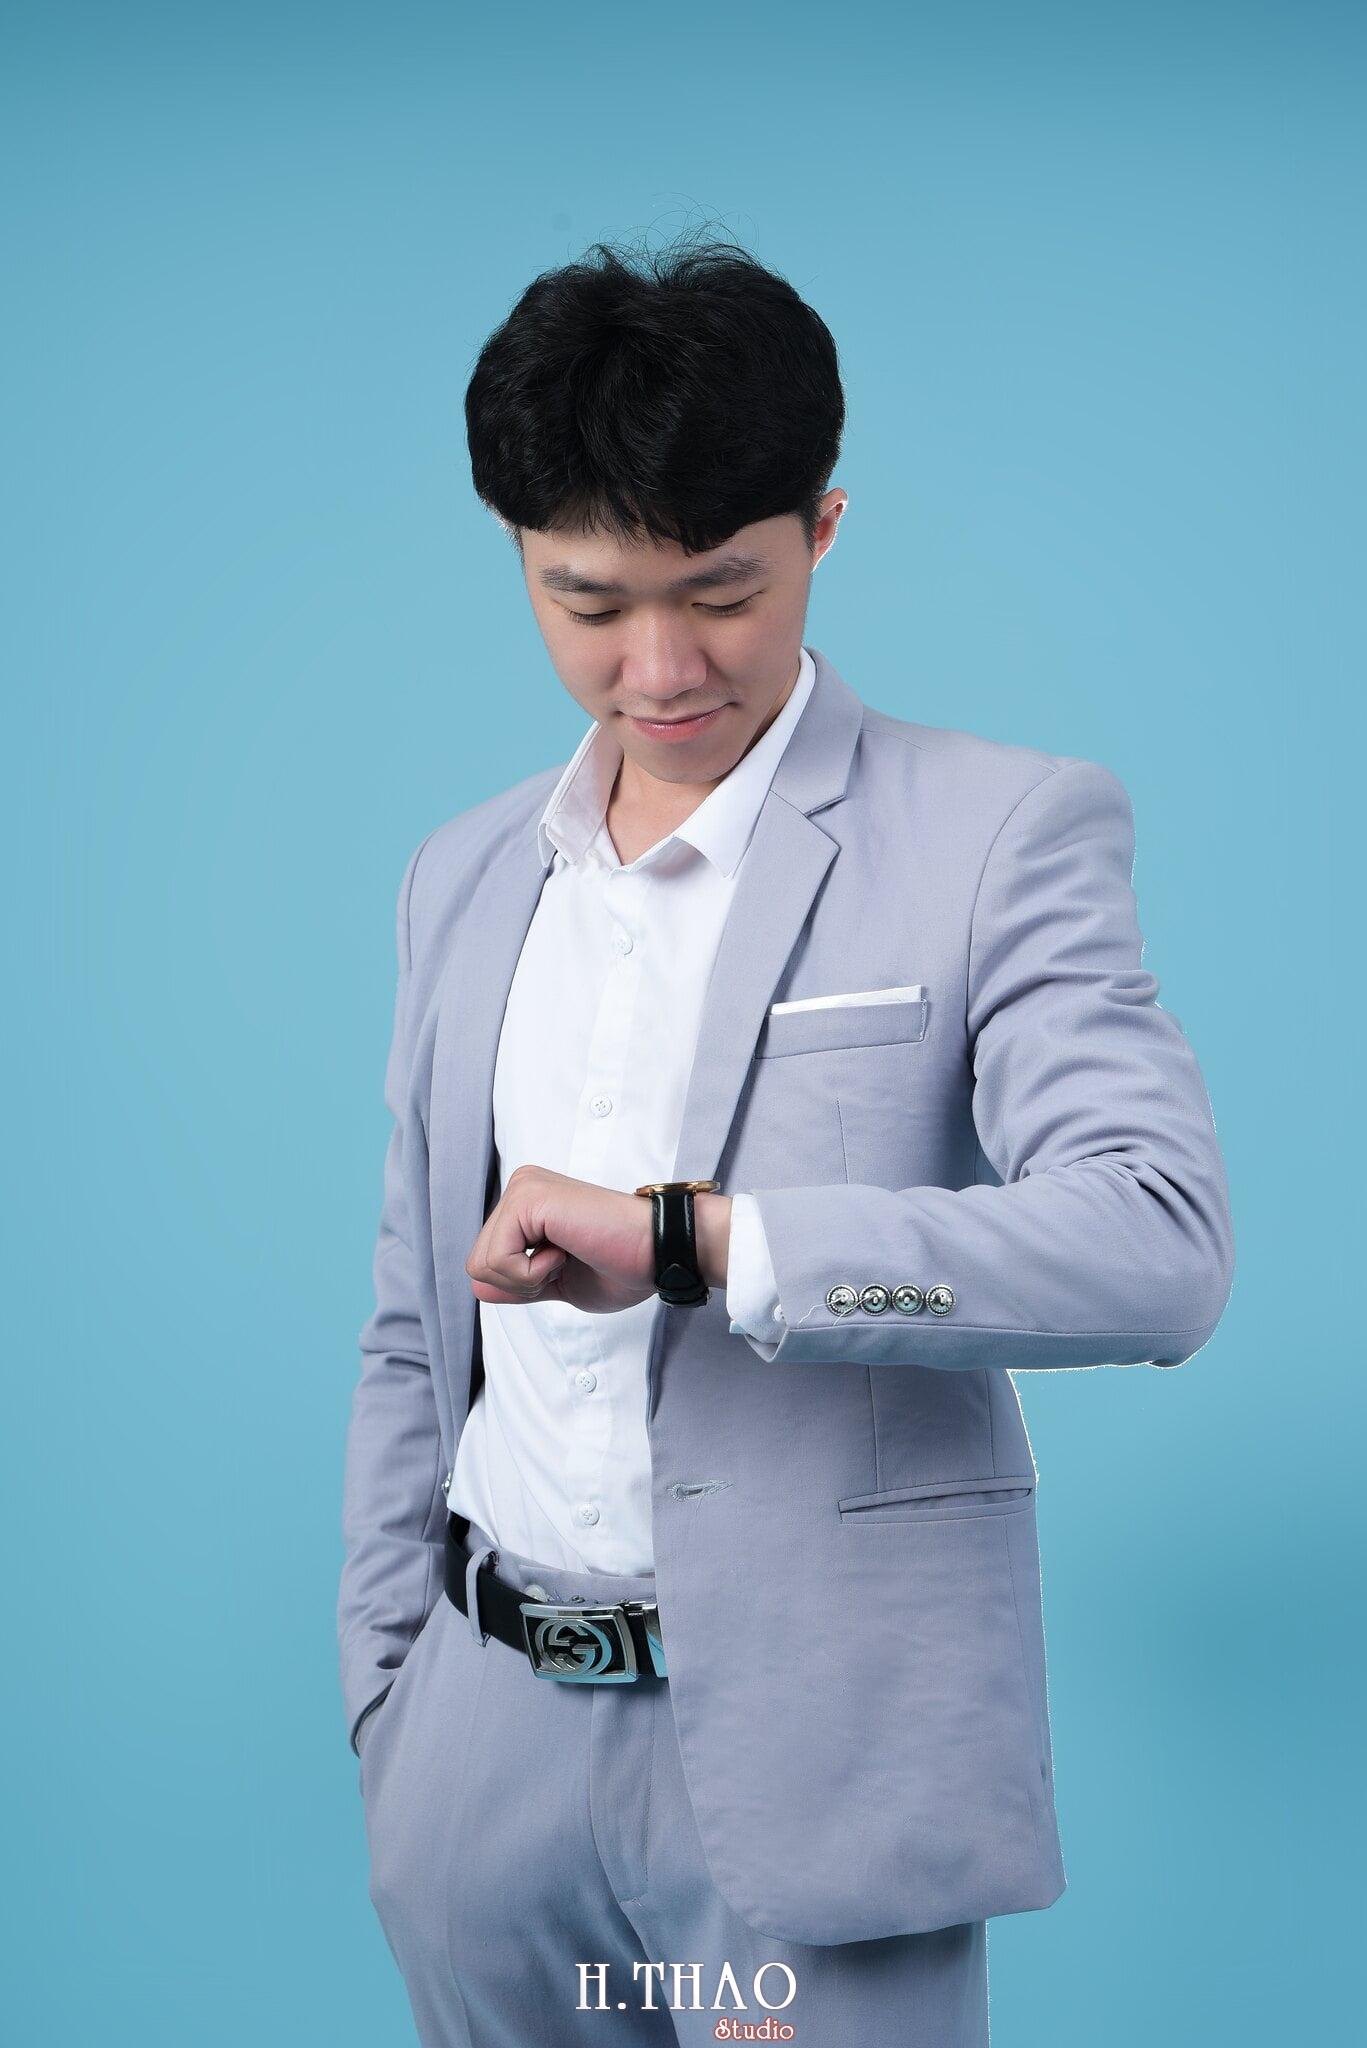 Thanh dat xanh 11 - Chụp ảnh profile nhân viên bất động sản Đất Xanh - HThao Studio